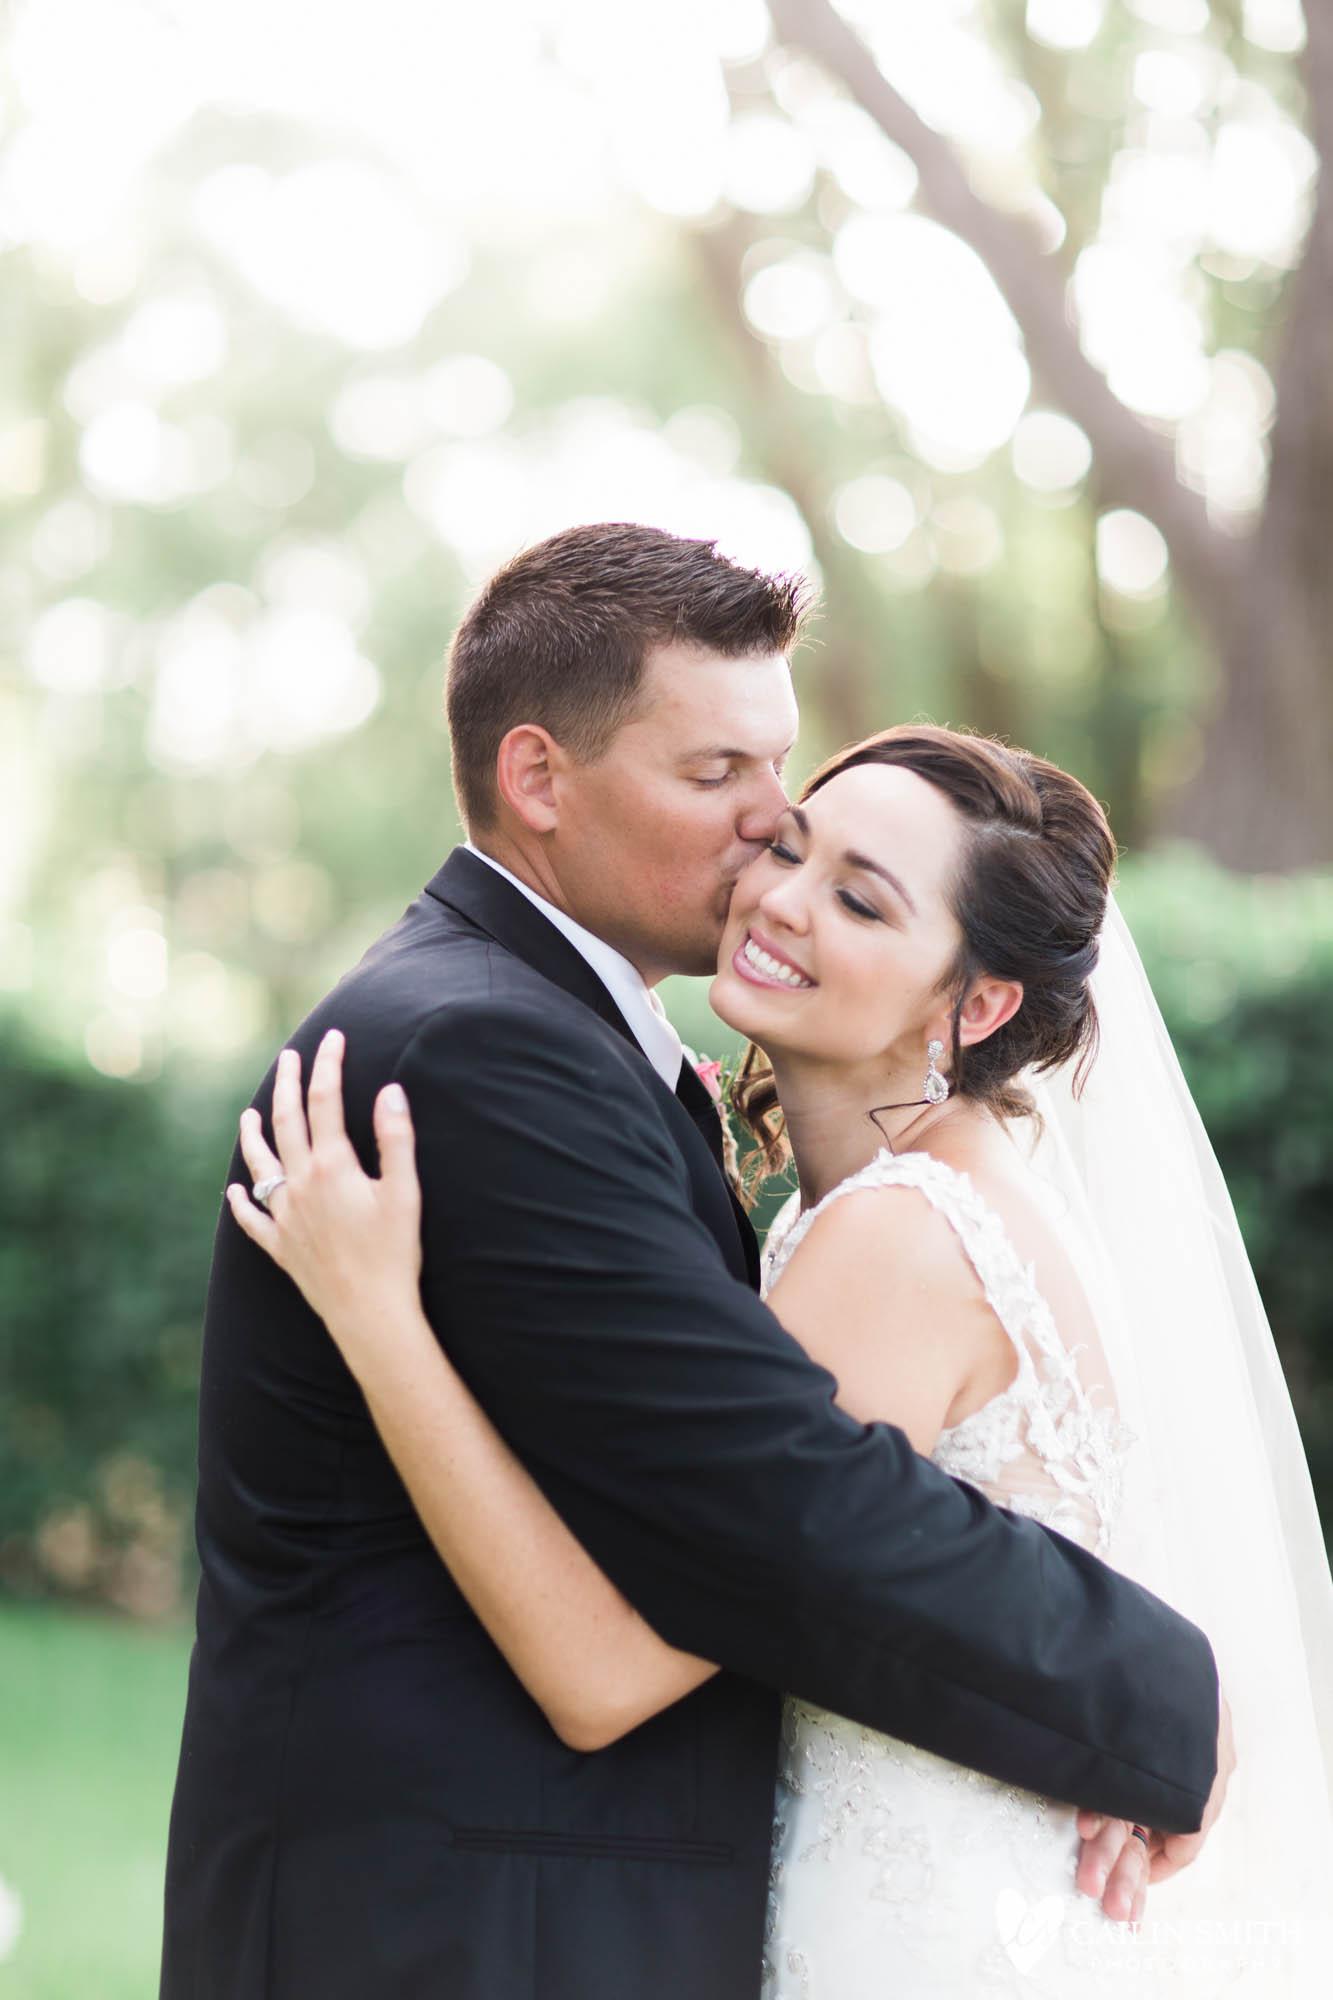 Bethany_Kyle_Bowing_Oaks_Plantation_Wedding_Photography_0086.jpg